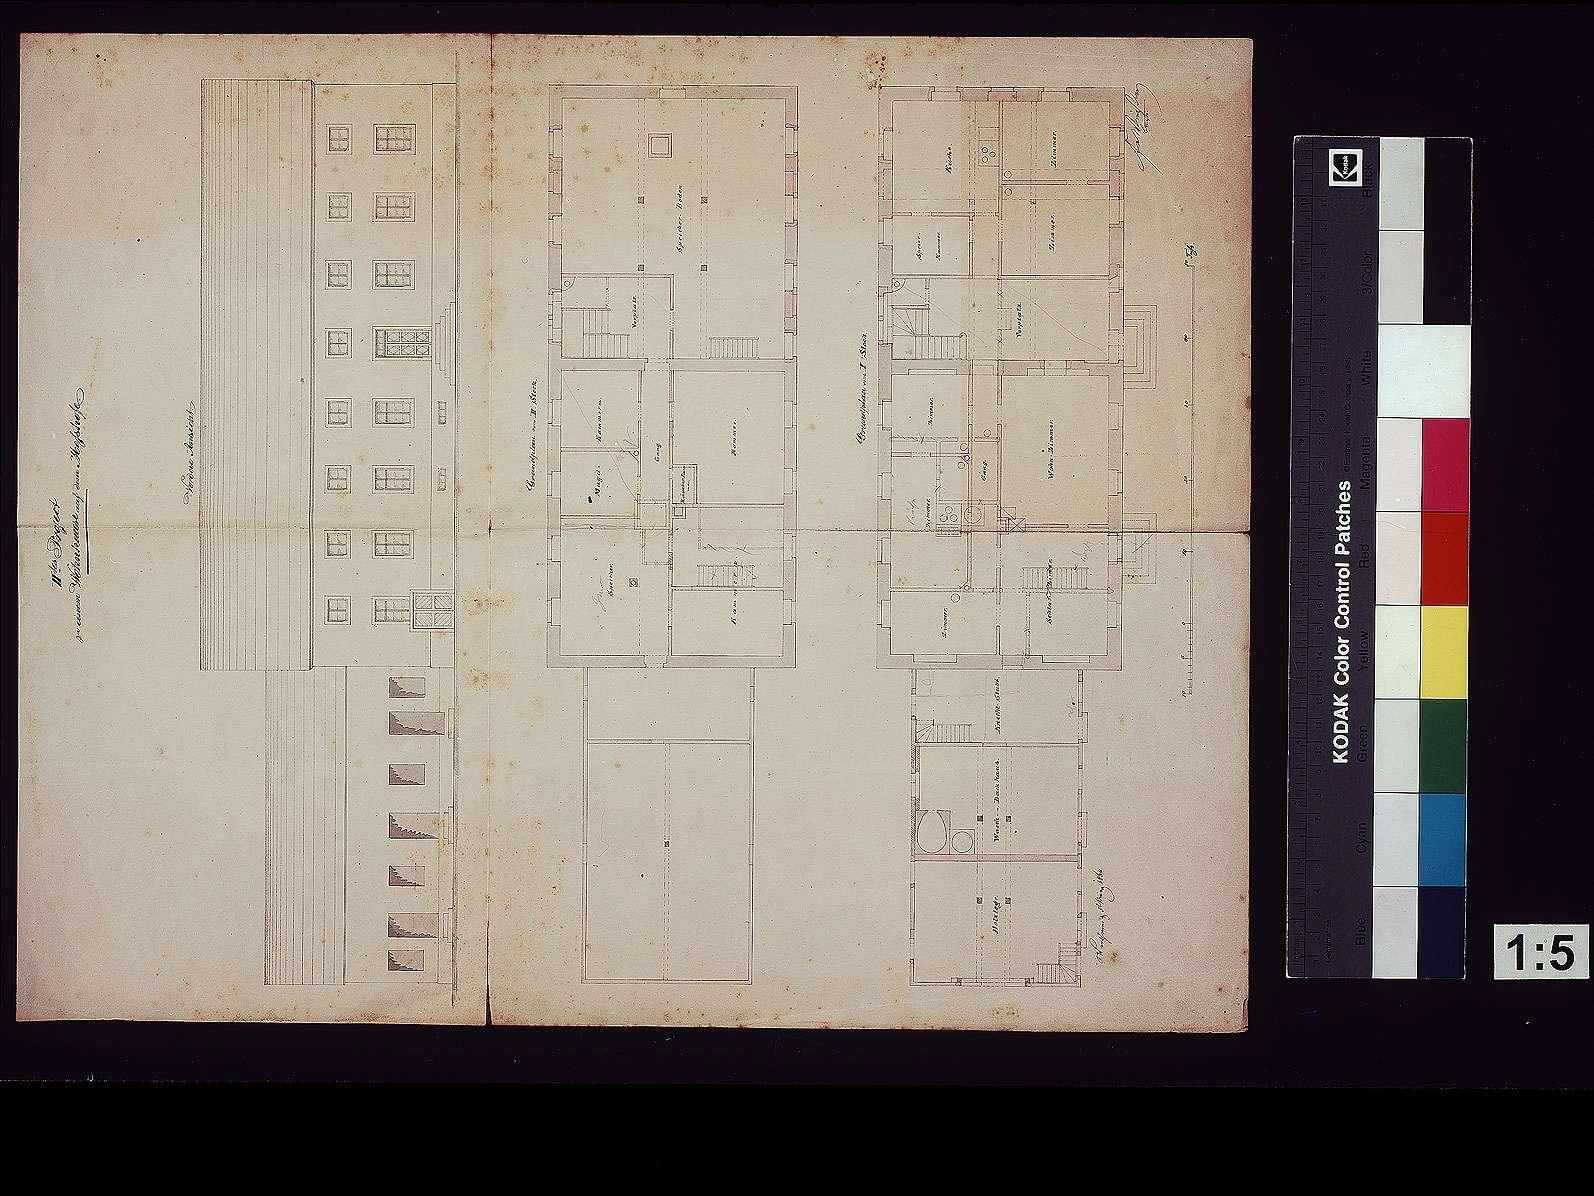 [Hinterer] Meßhof: Projekt zu einem Wohnhaus, Bild 1